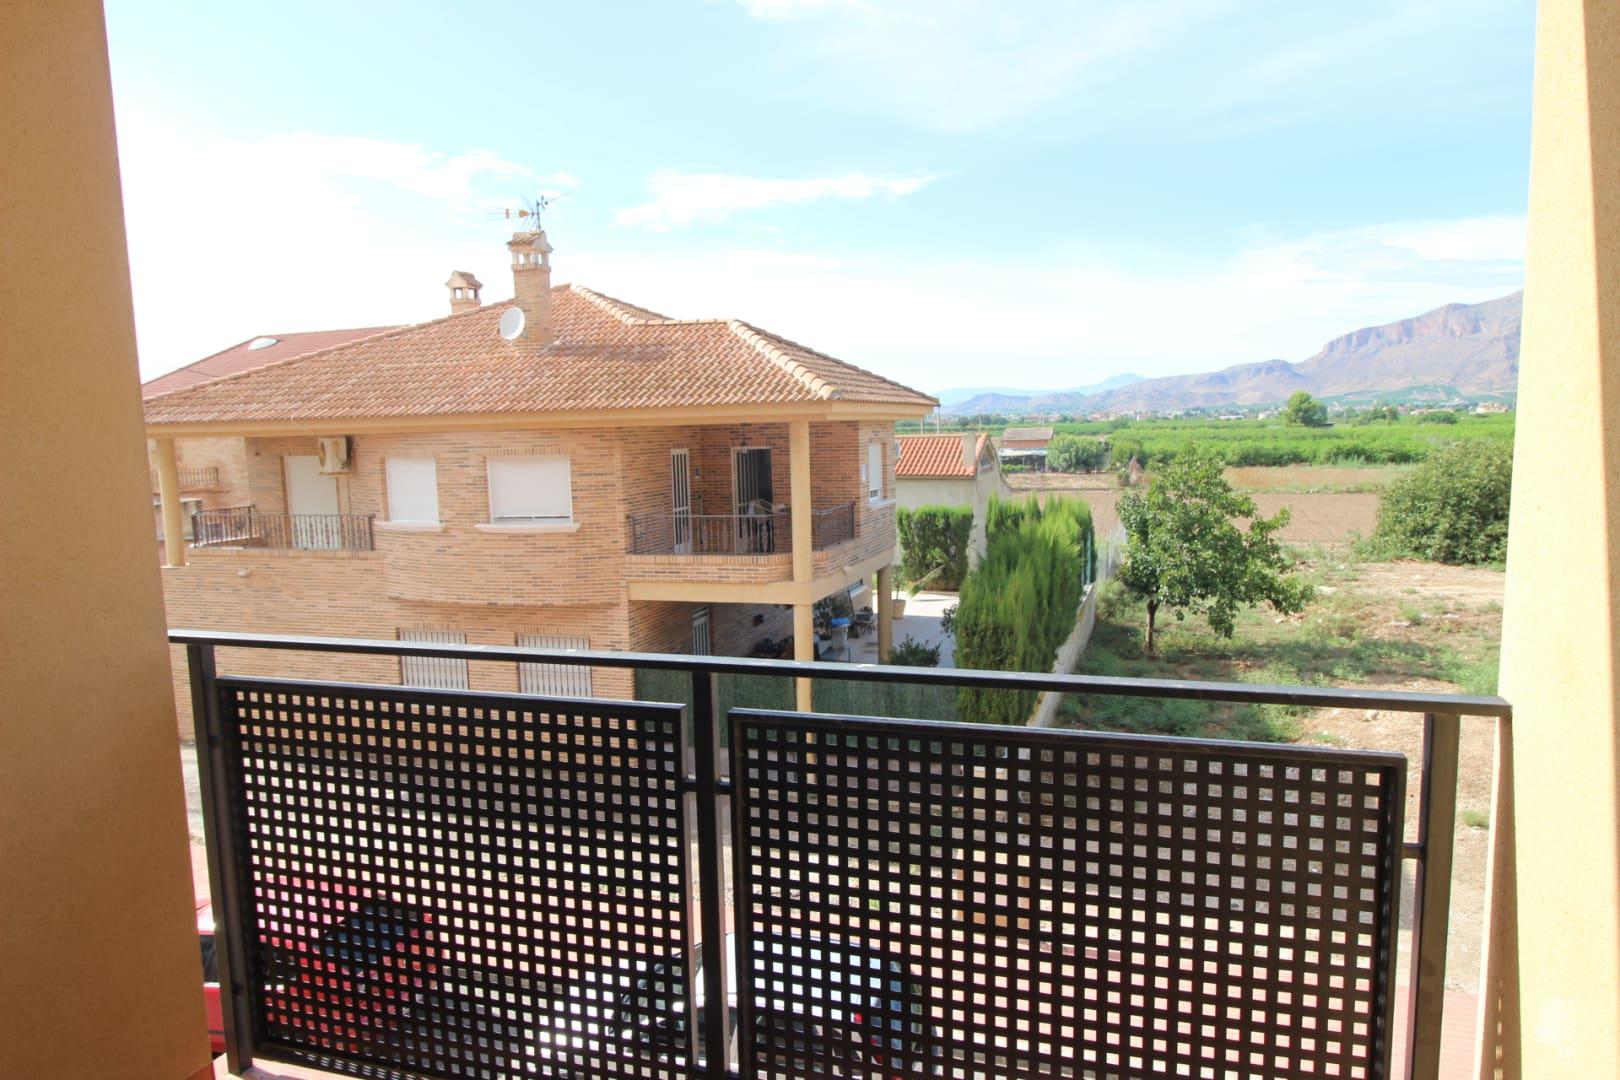 Piso en venta en Murcia, Murcia, Calle Miguel de la Nieves, 99.000 €, 4 habitaciones, 2 baños, 180 m2